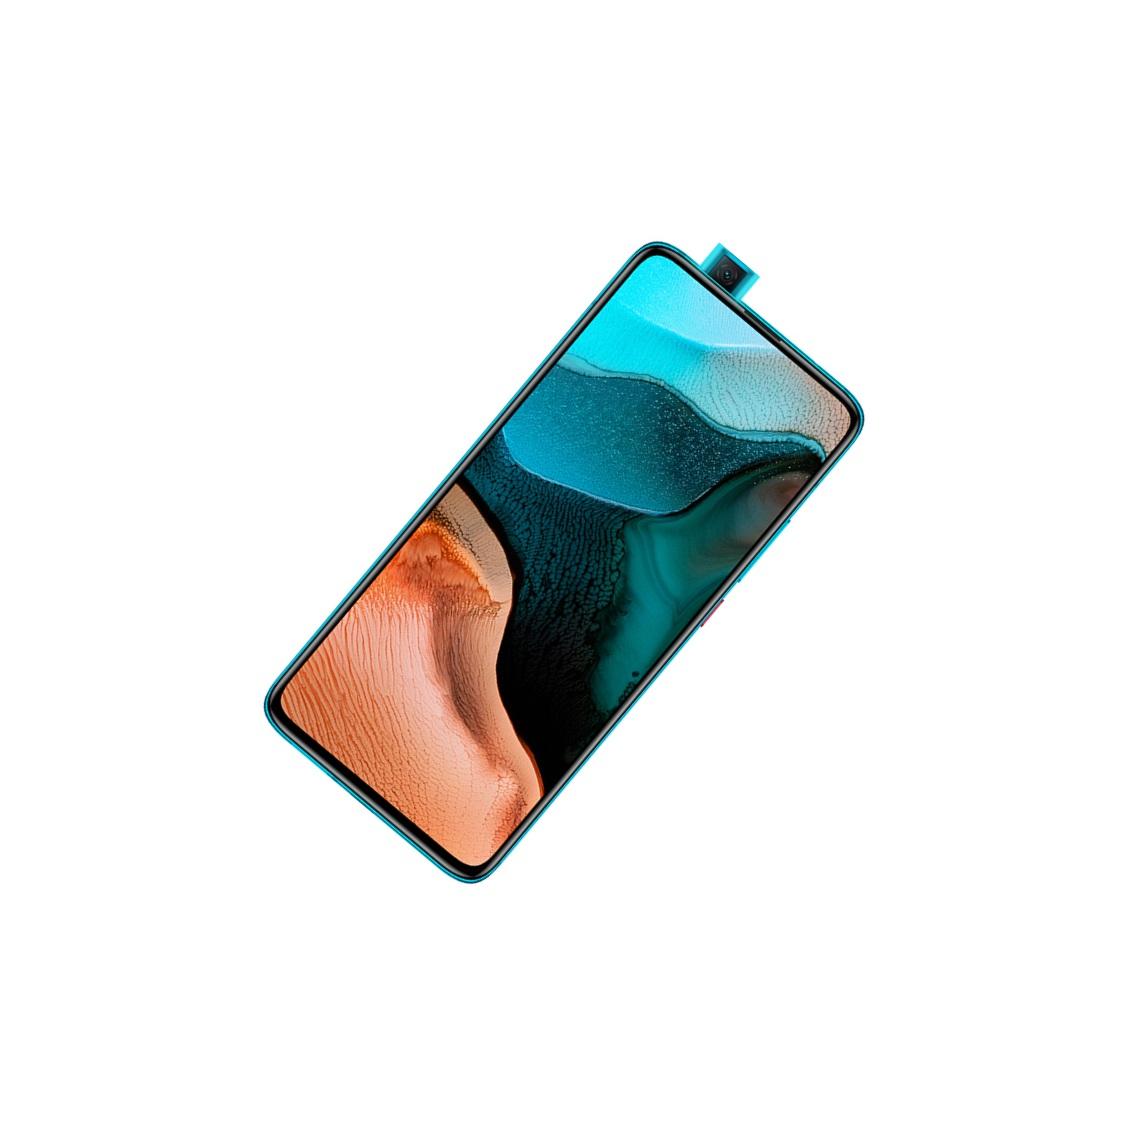 фото Xiaomi Redmi K30 Zoom